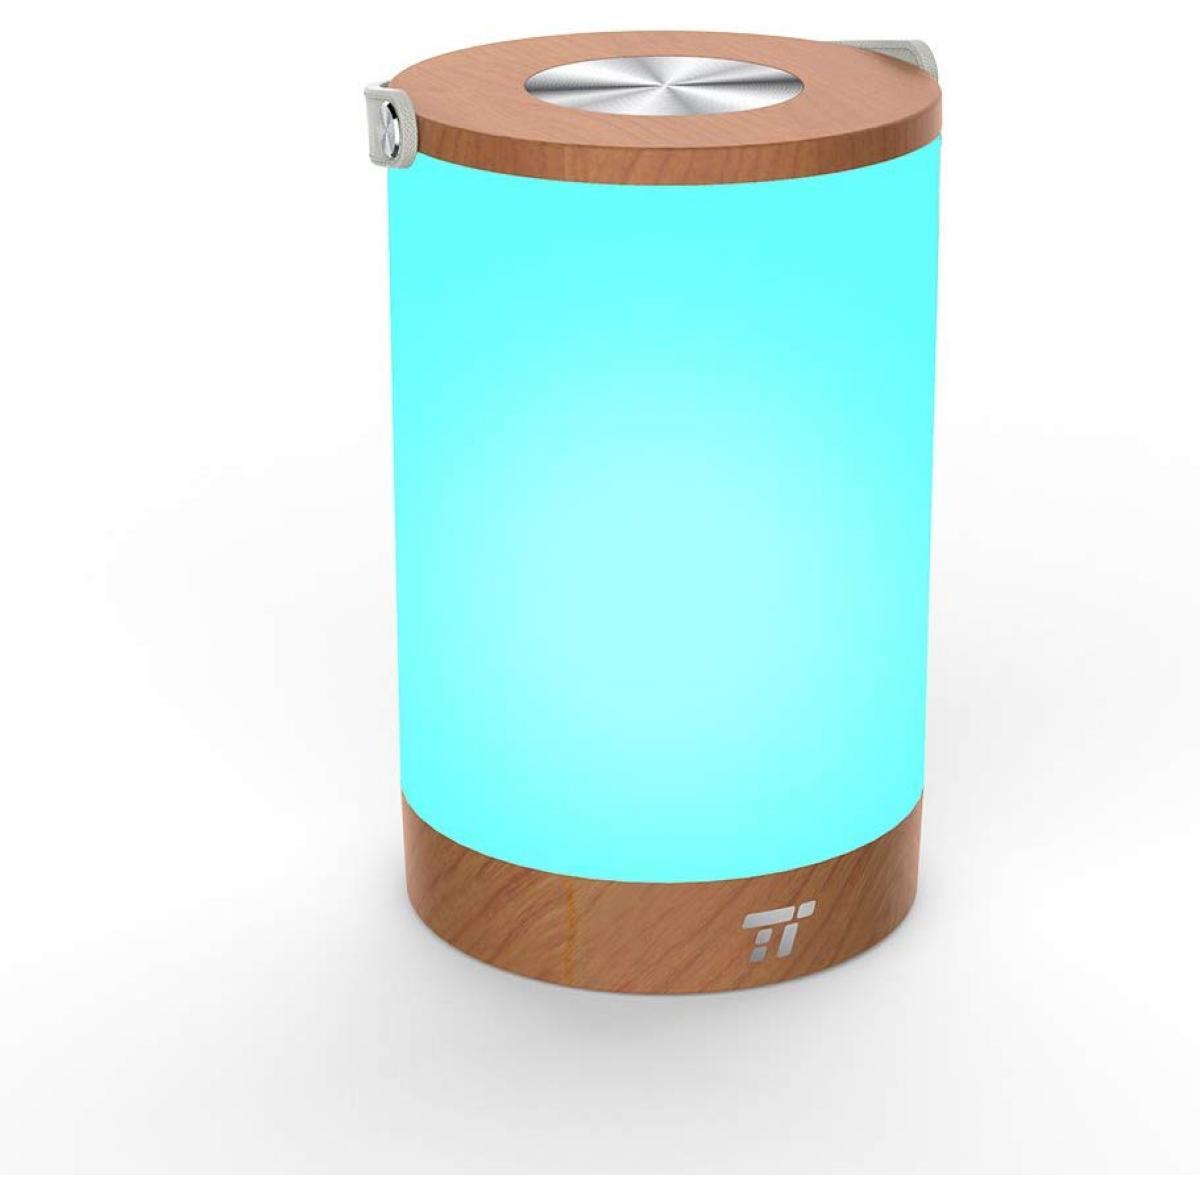 TaoTronics TT-DL033 Rechargeable Table Lamp